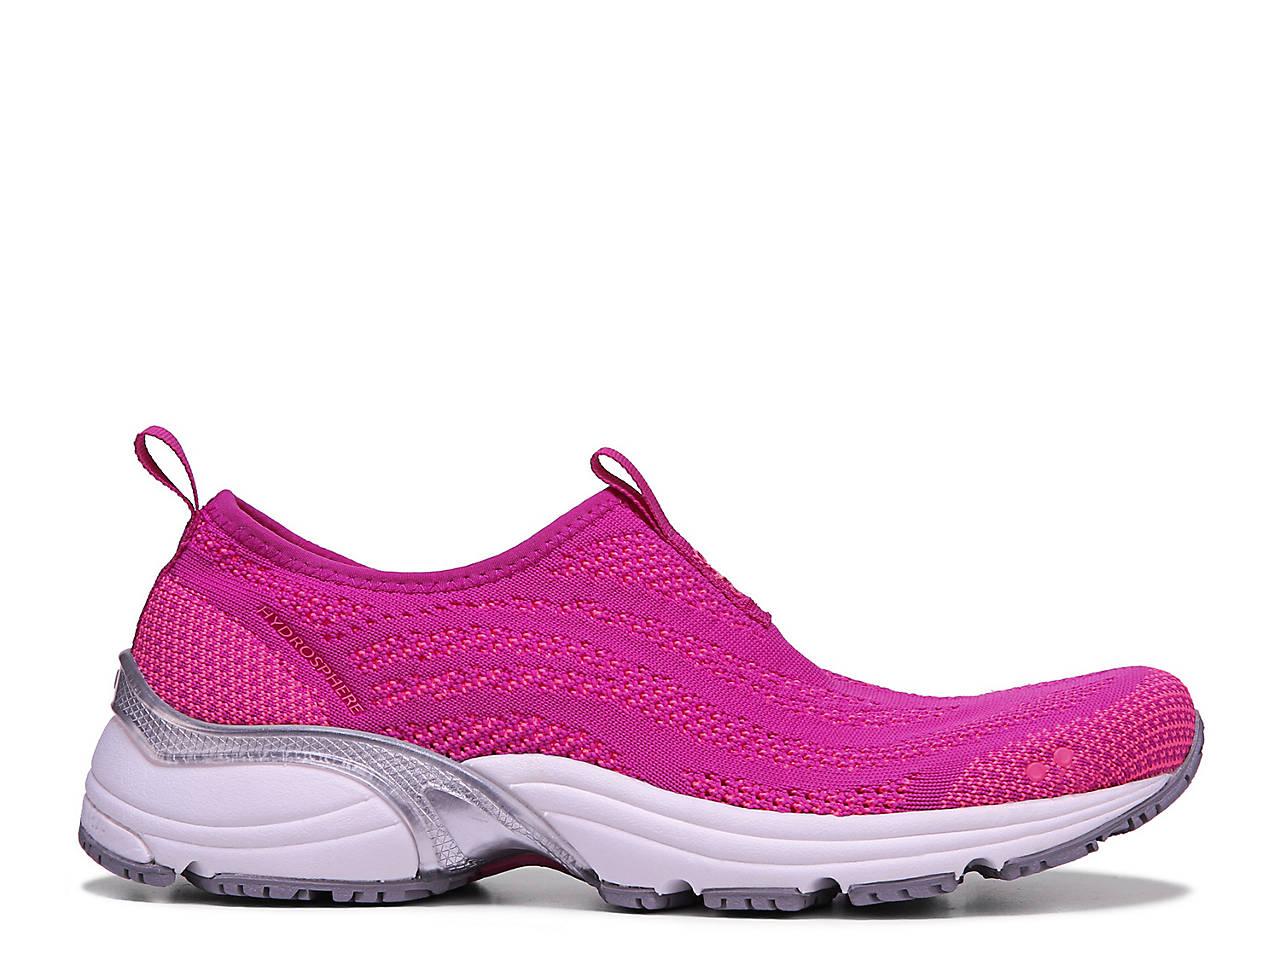 5f152ee73b5e Ryka Hydrosphere Training Slip-On Sneaker - Women s Women s Shoes